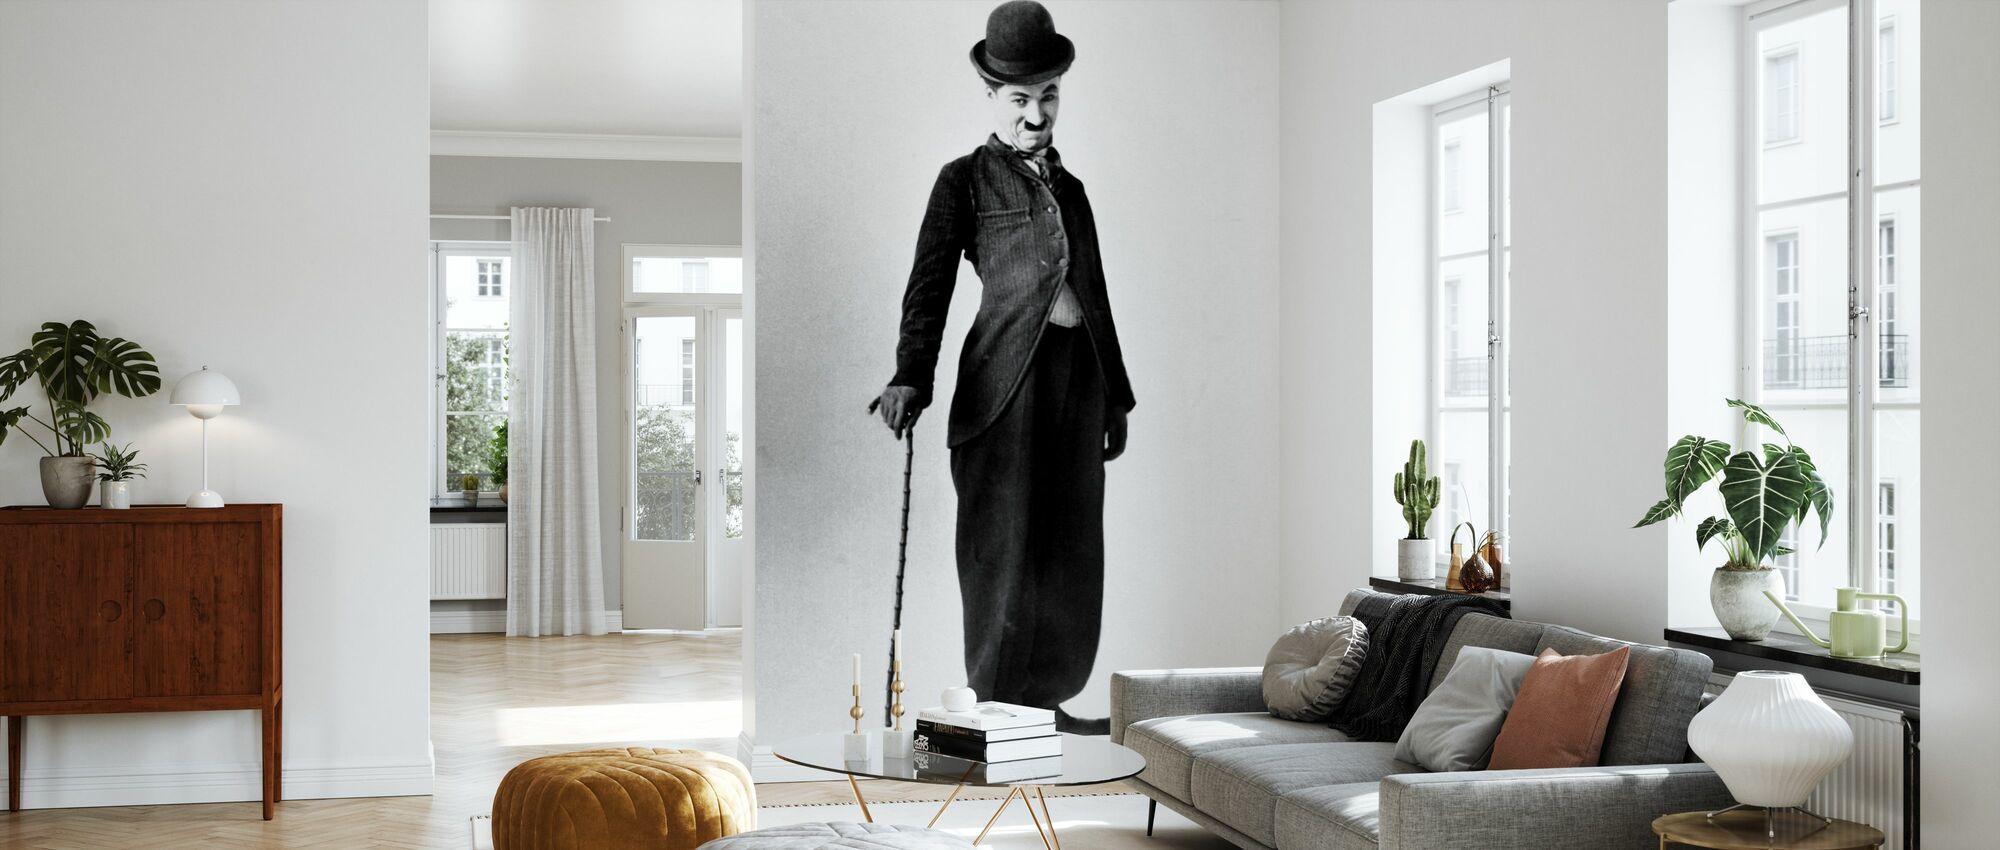 Strolch - Charlie Chaplin - Tapete - Wohnzimmer